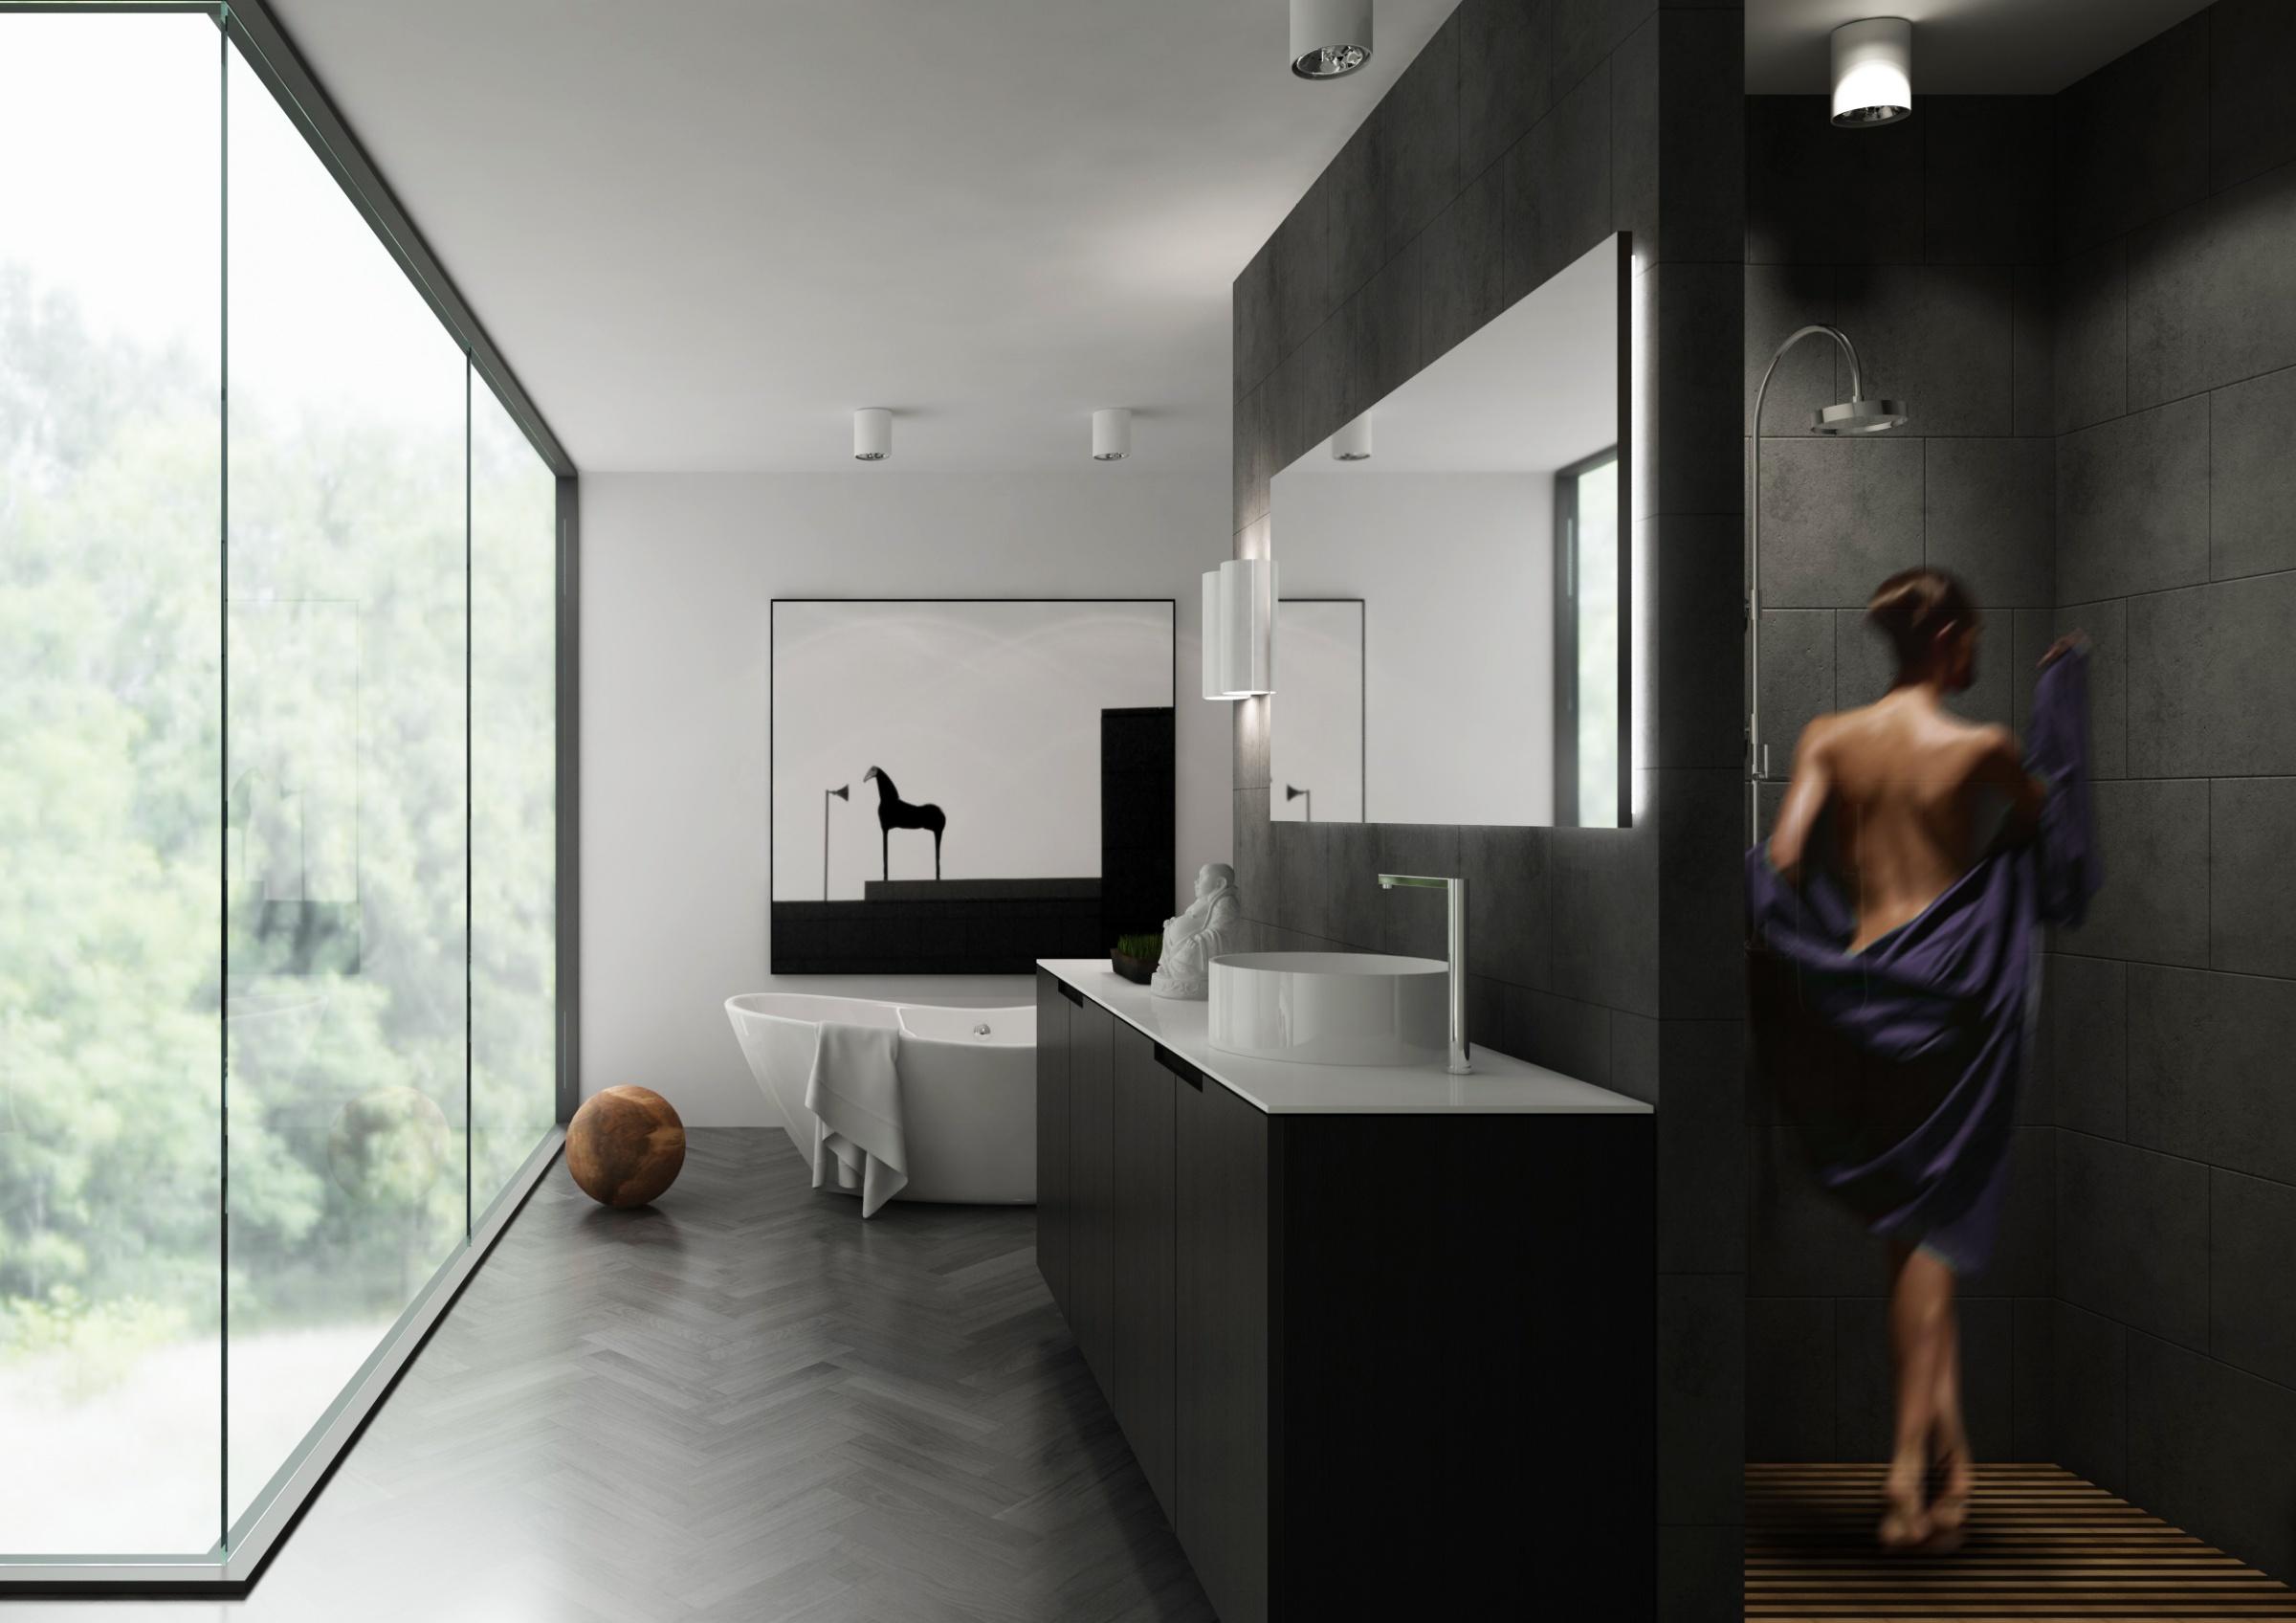 visualisierung badezimmer, architektur visualisierung badezimmer, Badezimmer ideen